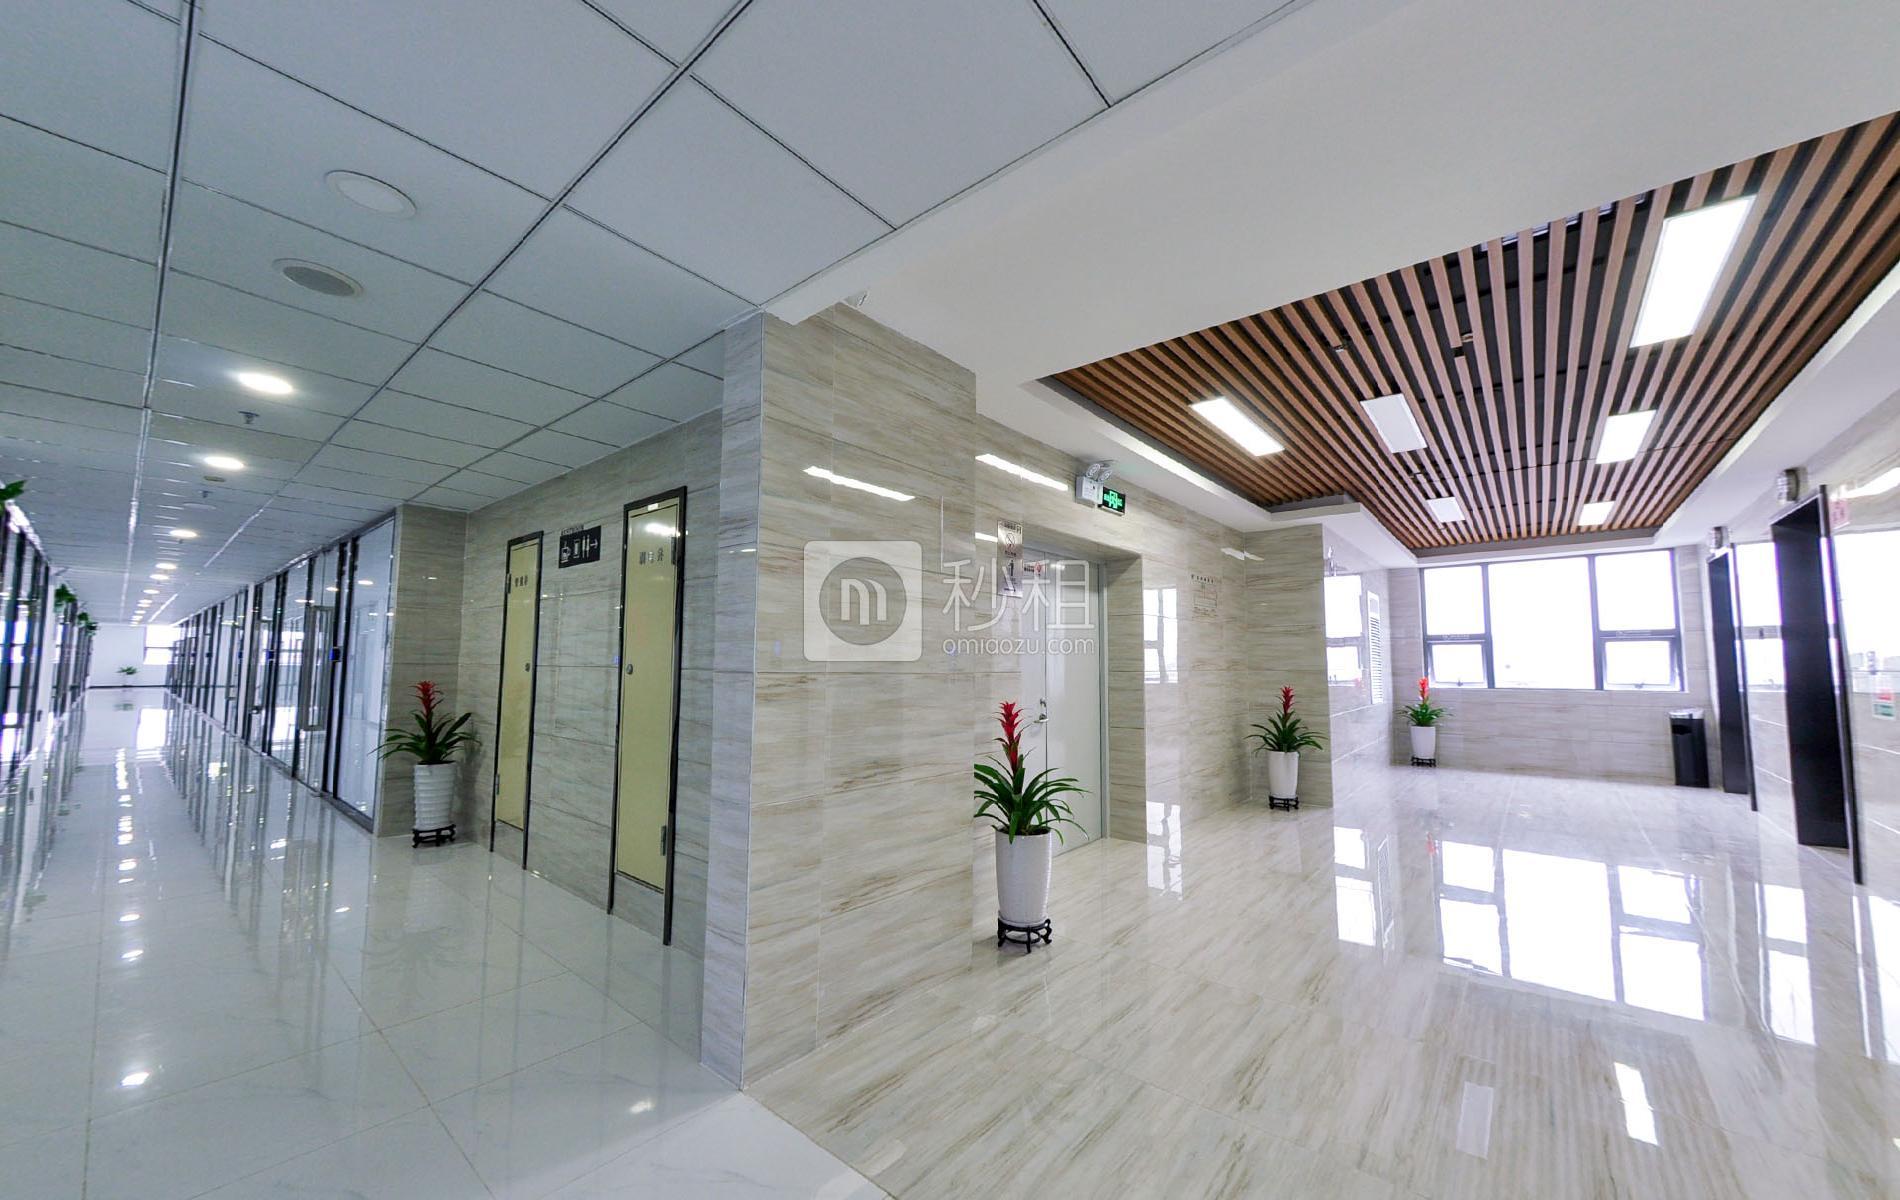 尚美创客大厦写字楼出租/招租/租赁,尚美创客大厦办公室出租/招租/租赁